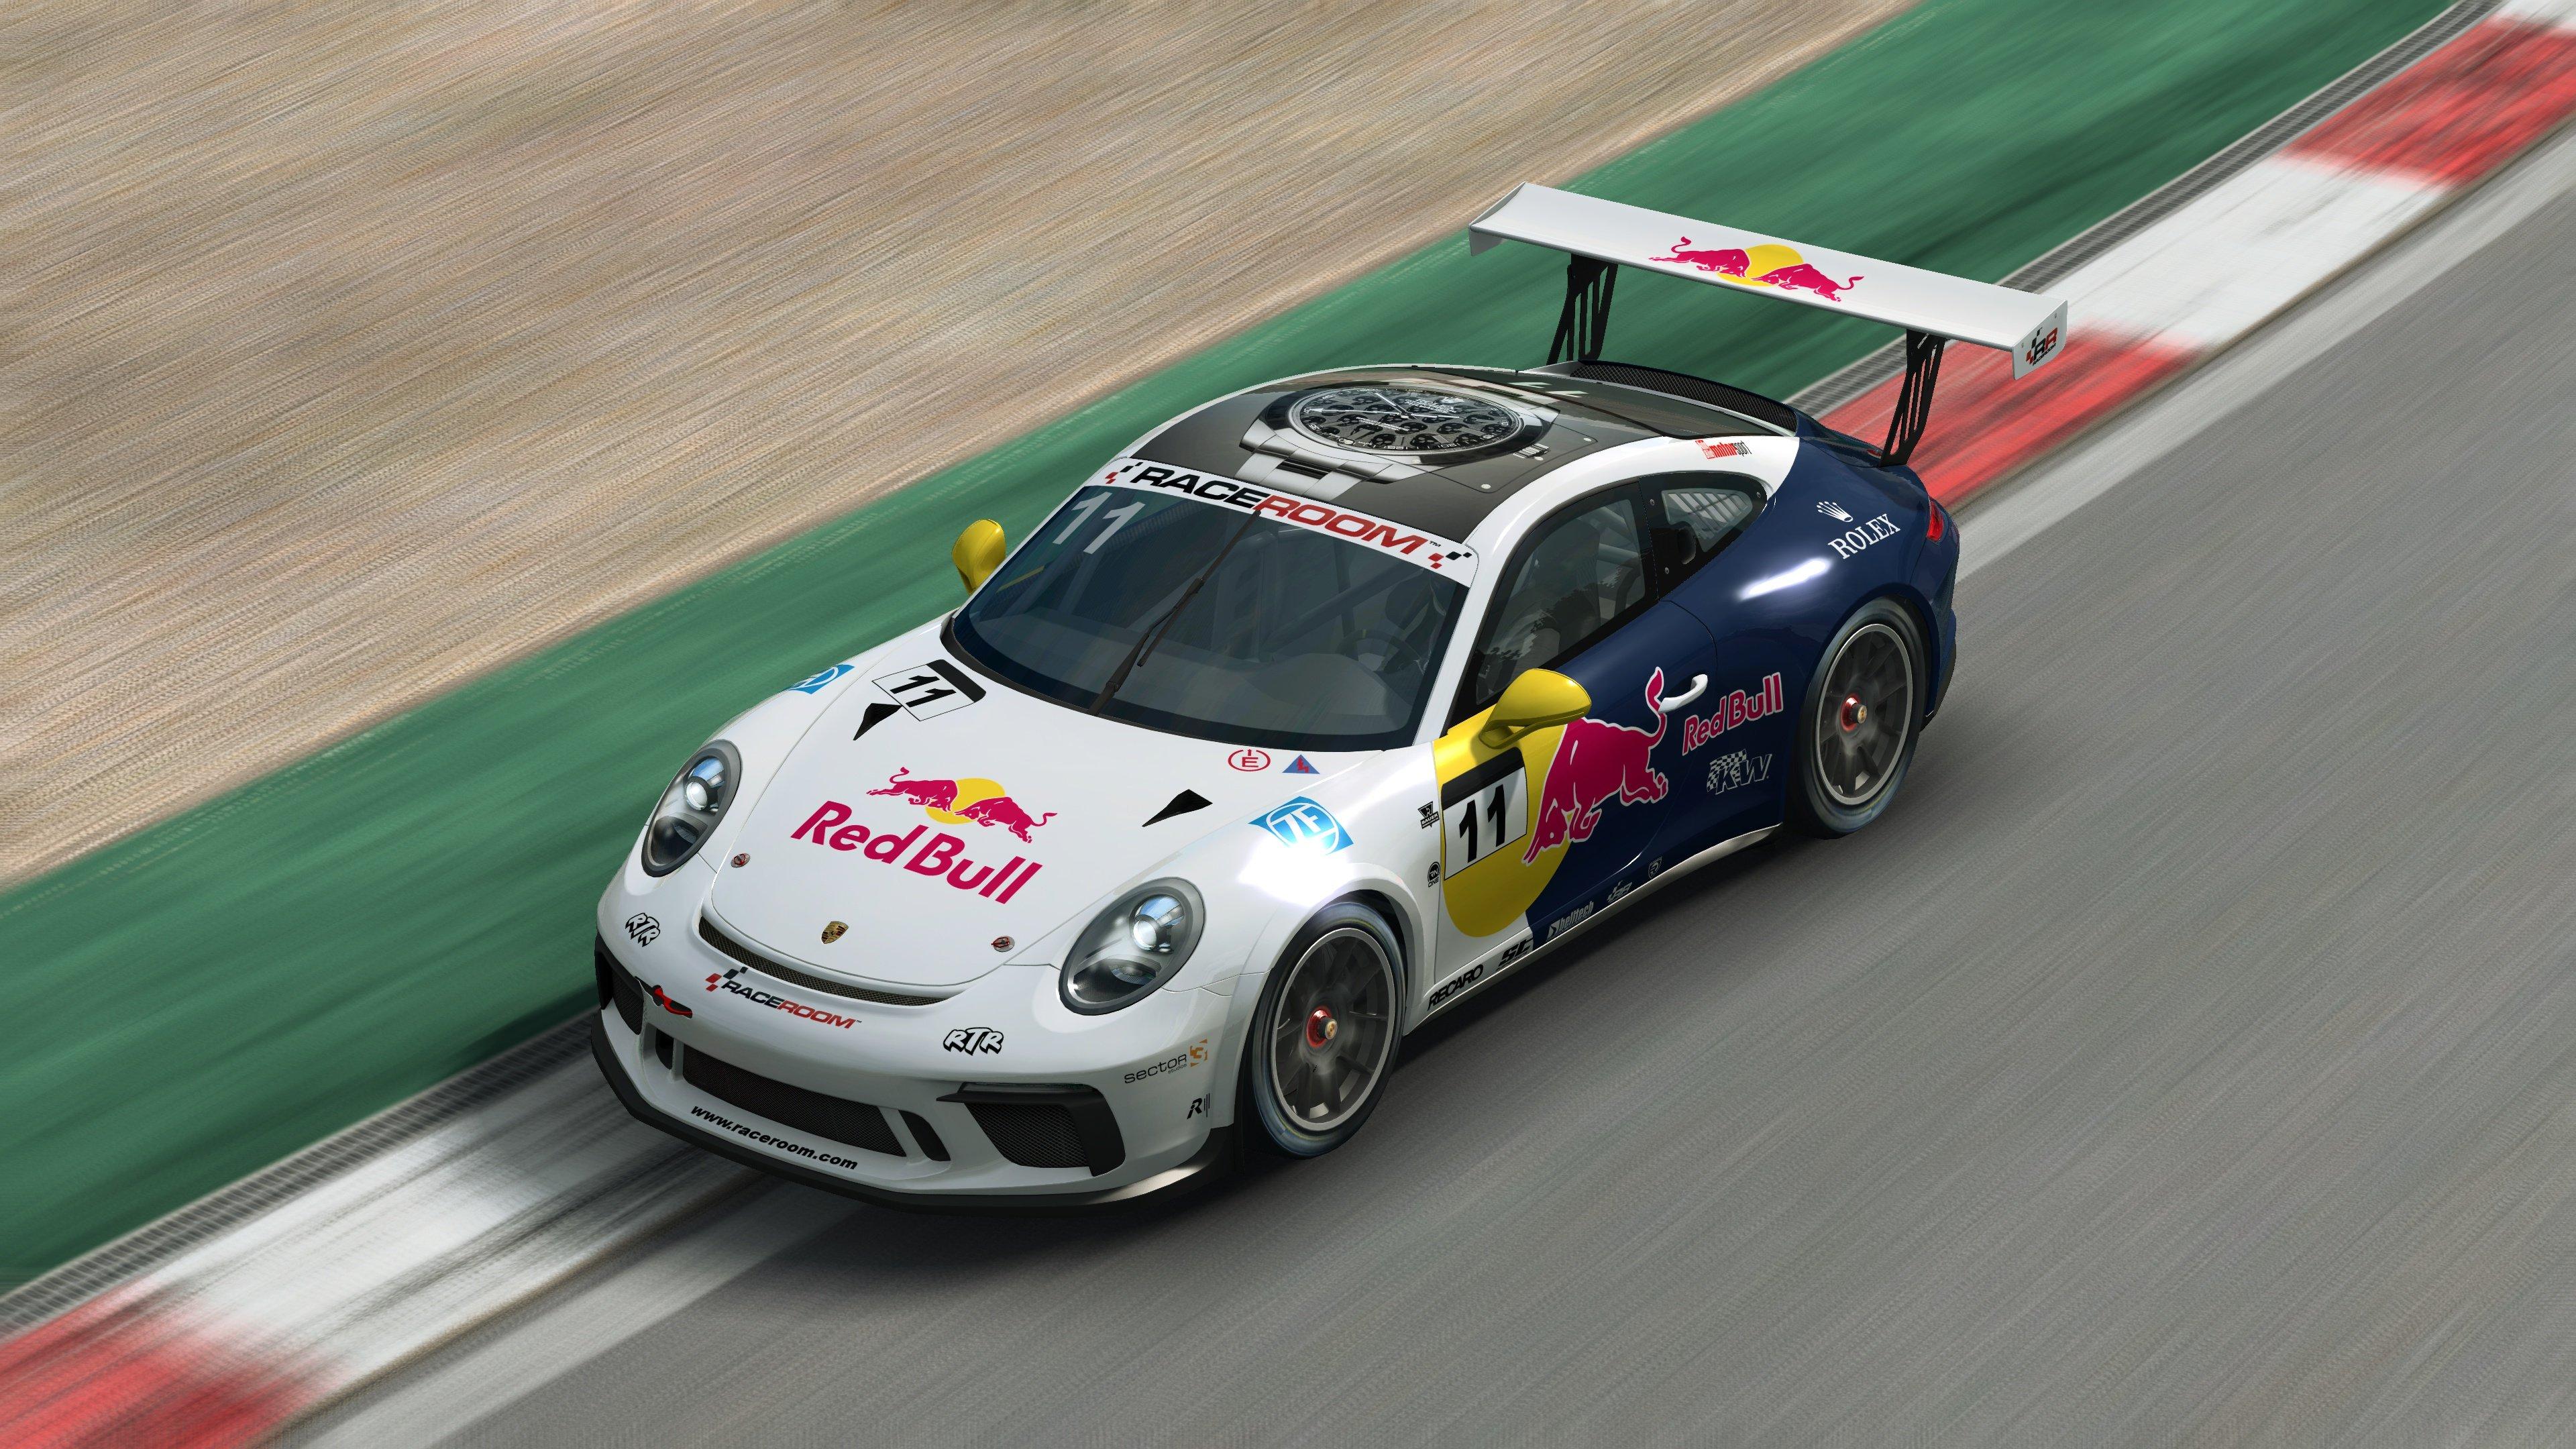 RaceRoom 991.2 Porsche 911 GT3 Cup 39